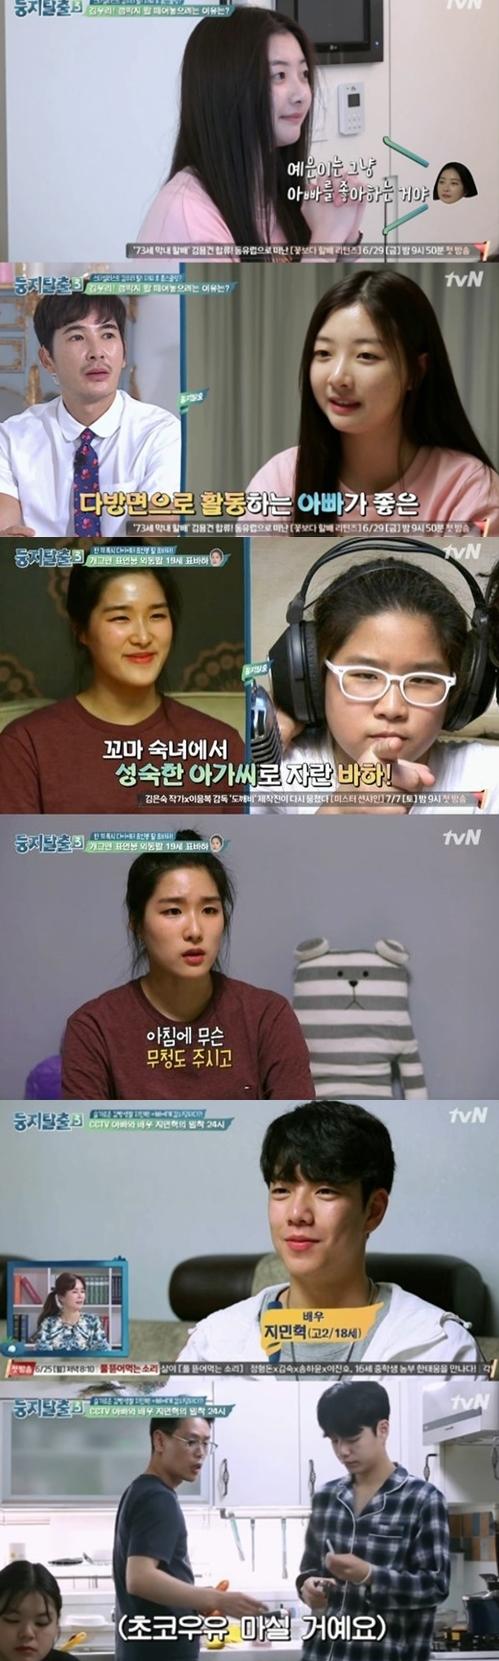 '둥지탈출3' 김우리-표인봉 가족 일상 화제··· 자체 최고 시청률 경신